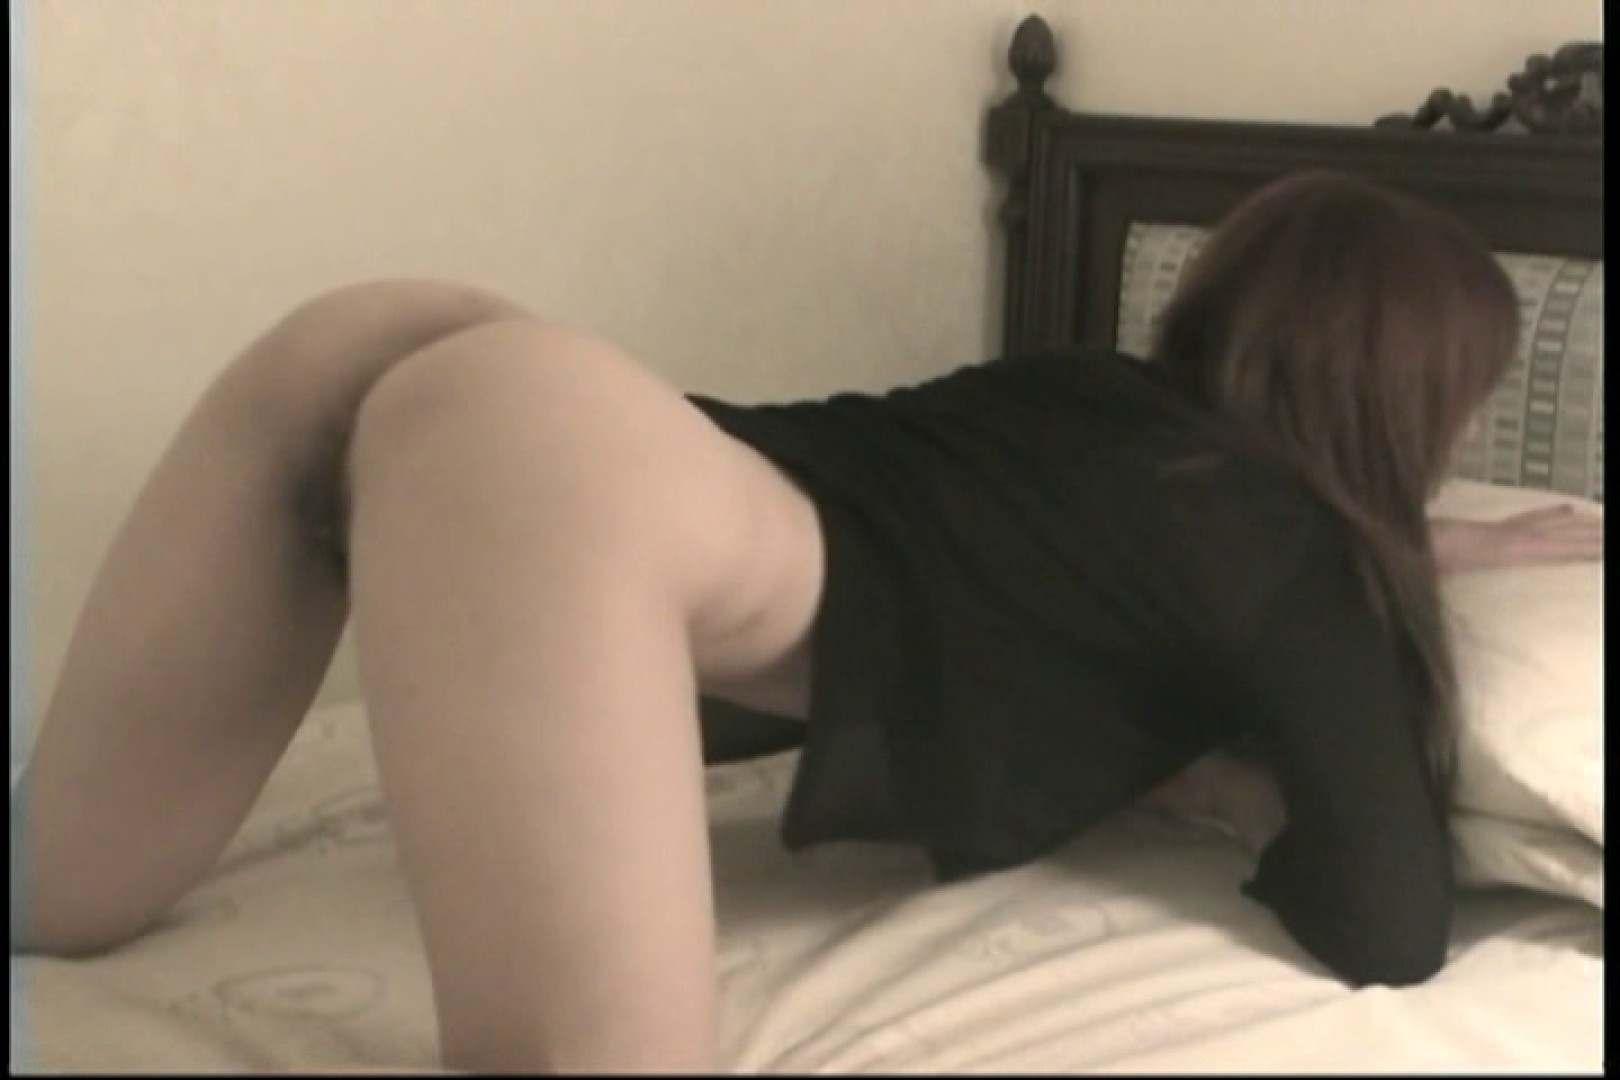 H大好きな清楚系の美ボディお姉さんとホテルでSEX~安西みか~ フェラ すけべAV動画紹介 47連発 21